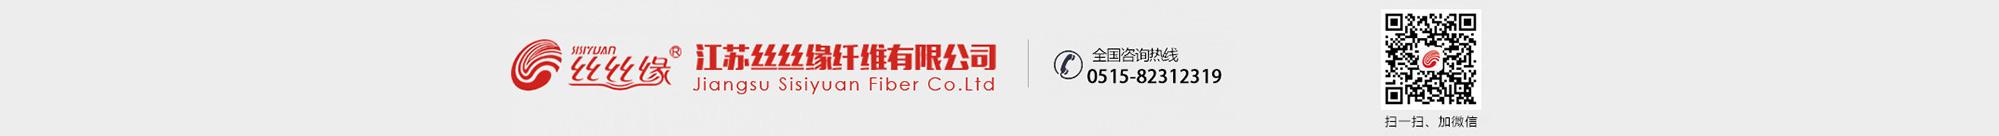 江苏丝丝缘纤维有限公司